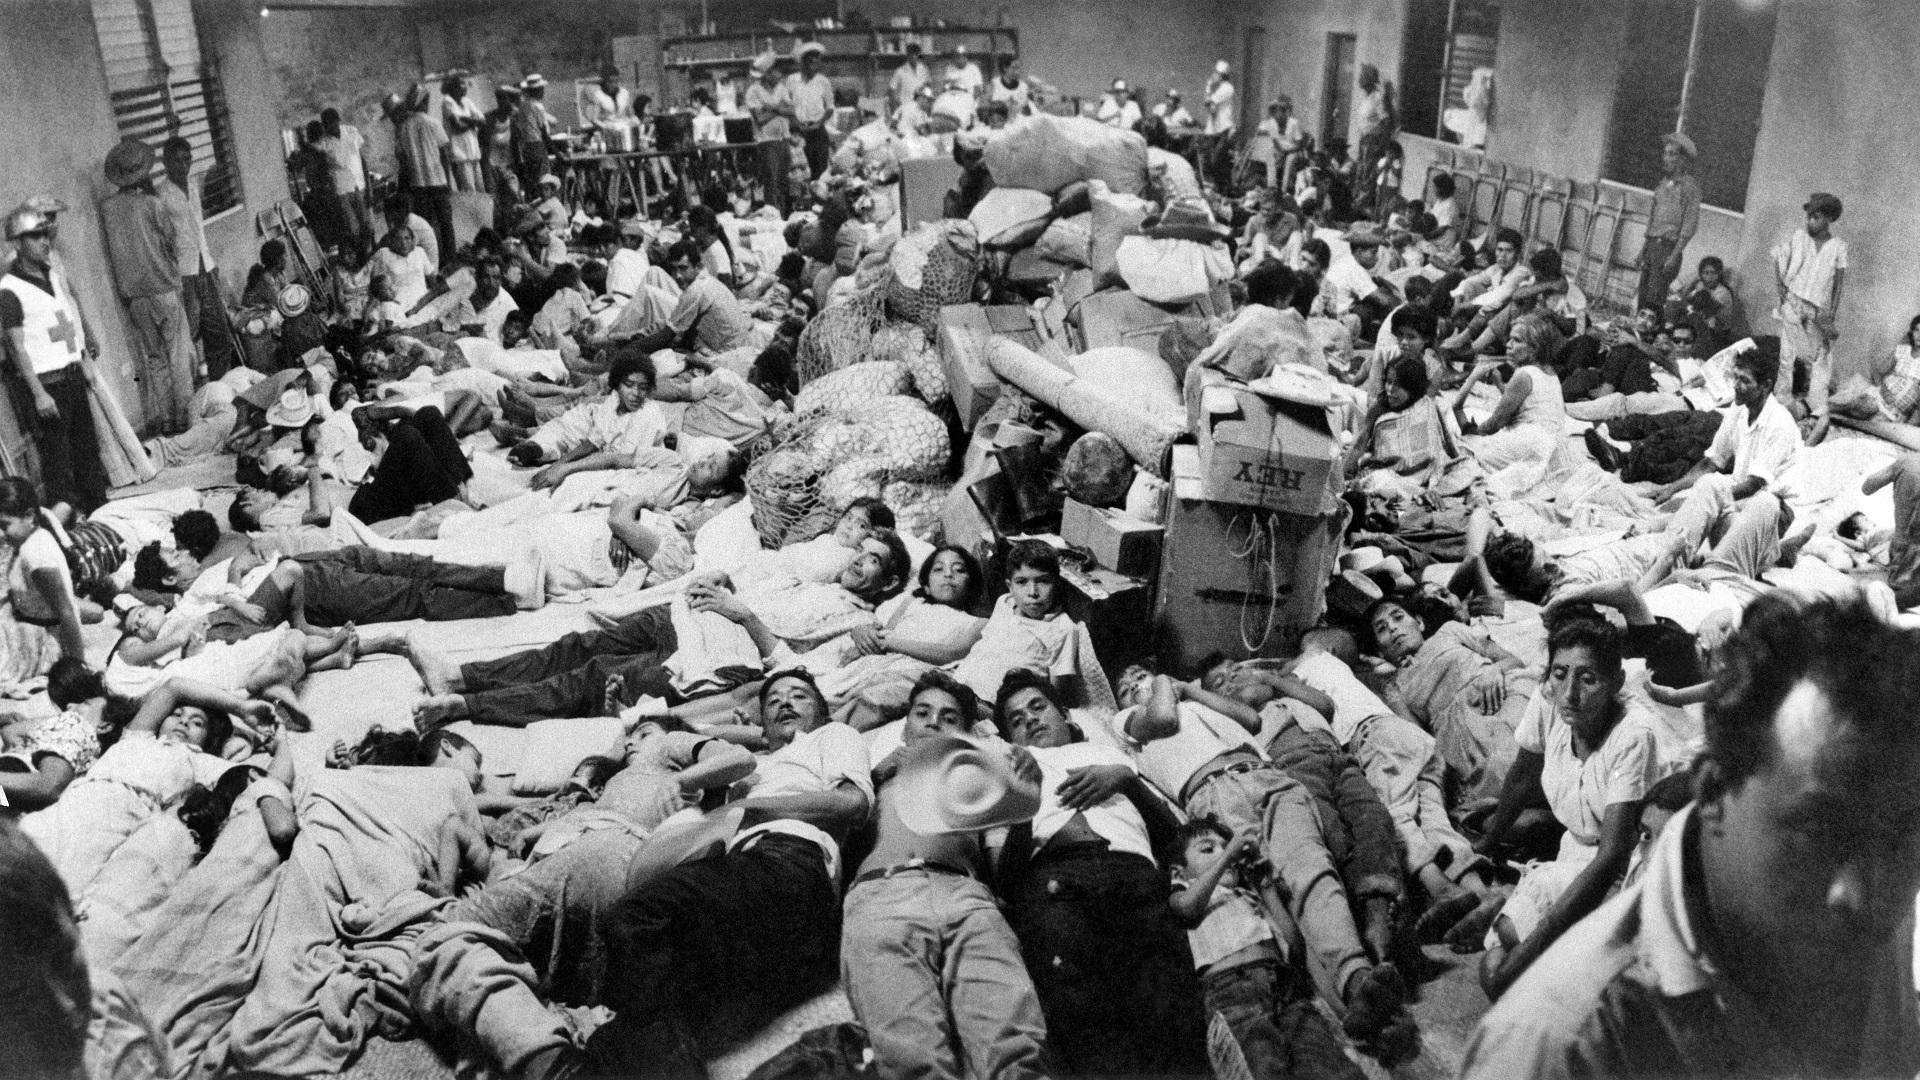 أقصر 5 حروب شهدتها البشرية... إحداها استمرت 38 دقيقة